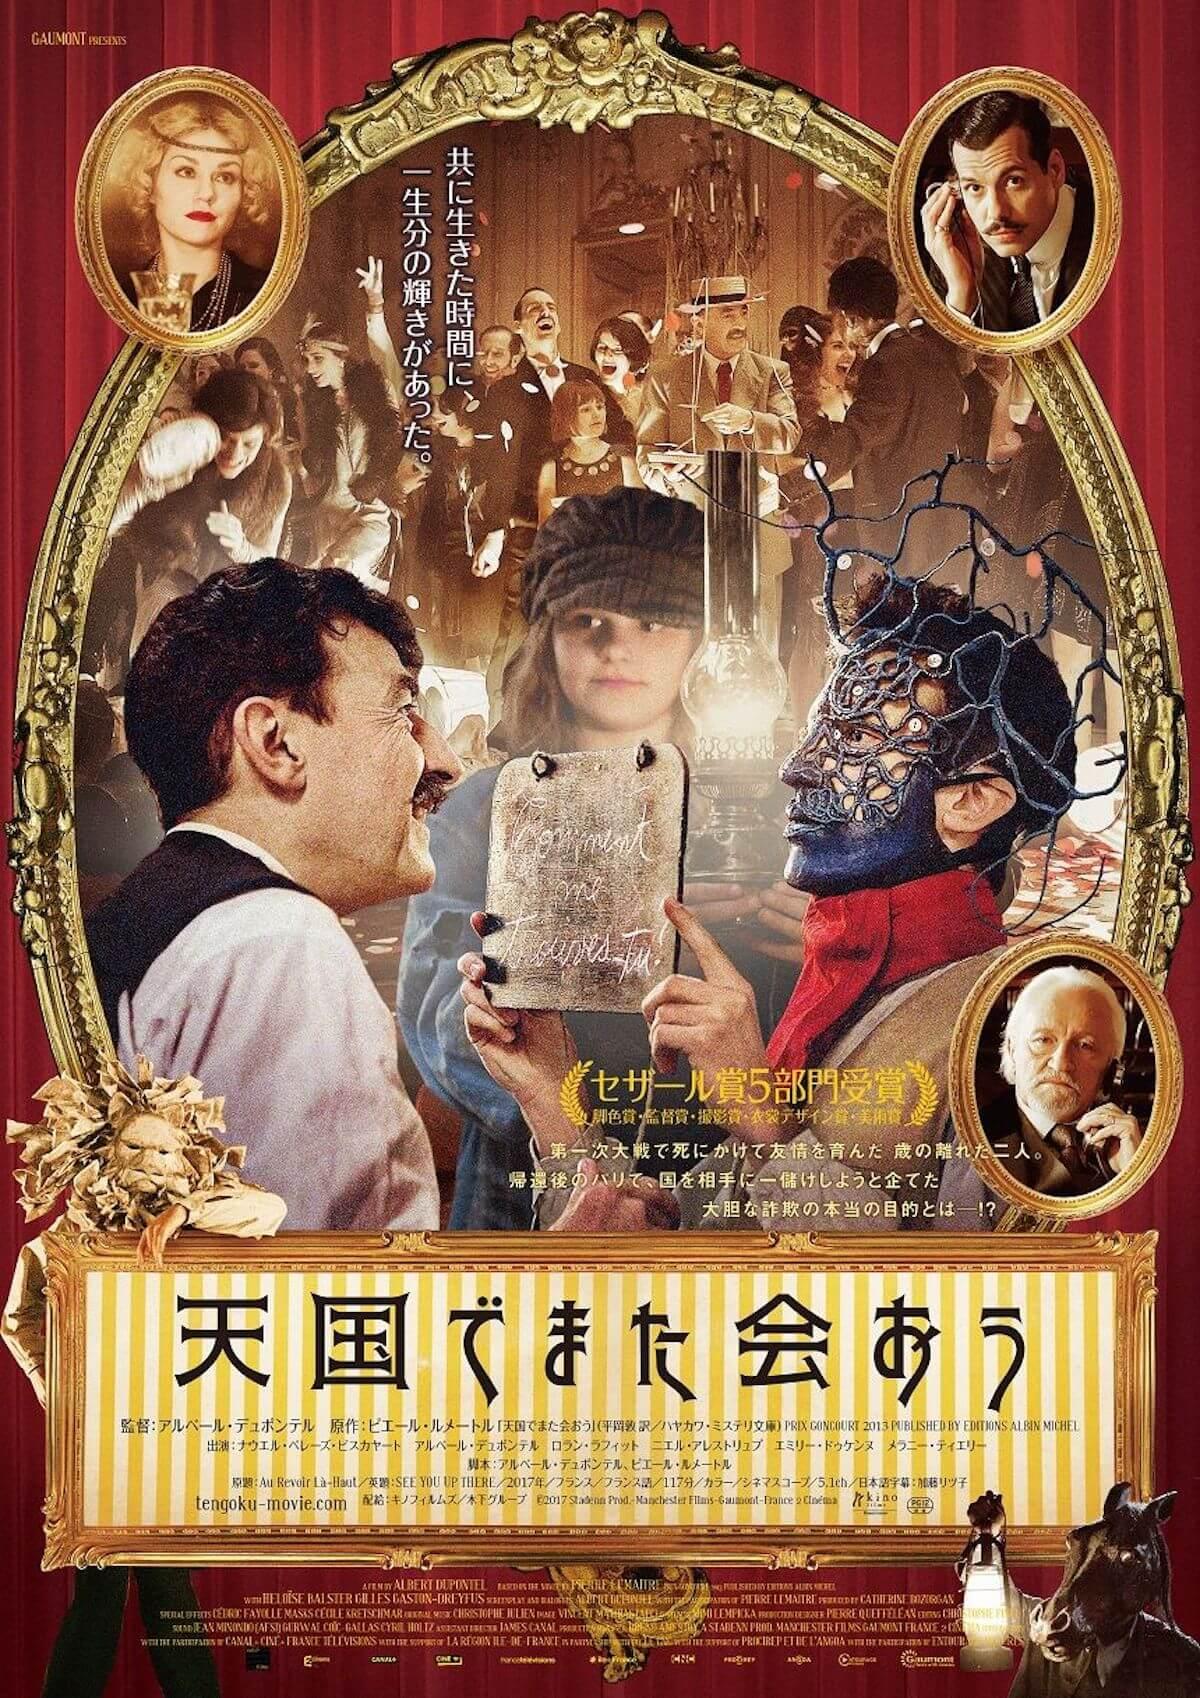 映画「天国でまた会おう」魔術のような映像と先の読めない展開。日本予告編が到着 tengokudemataou